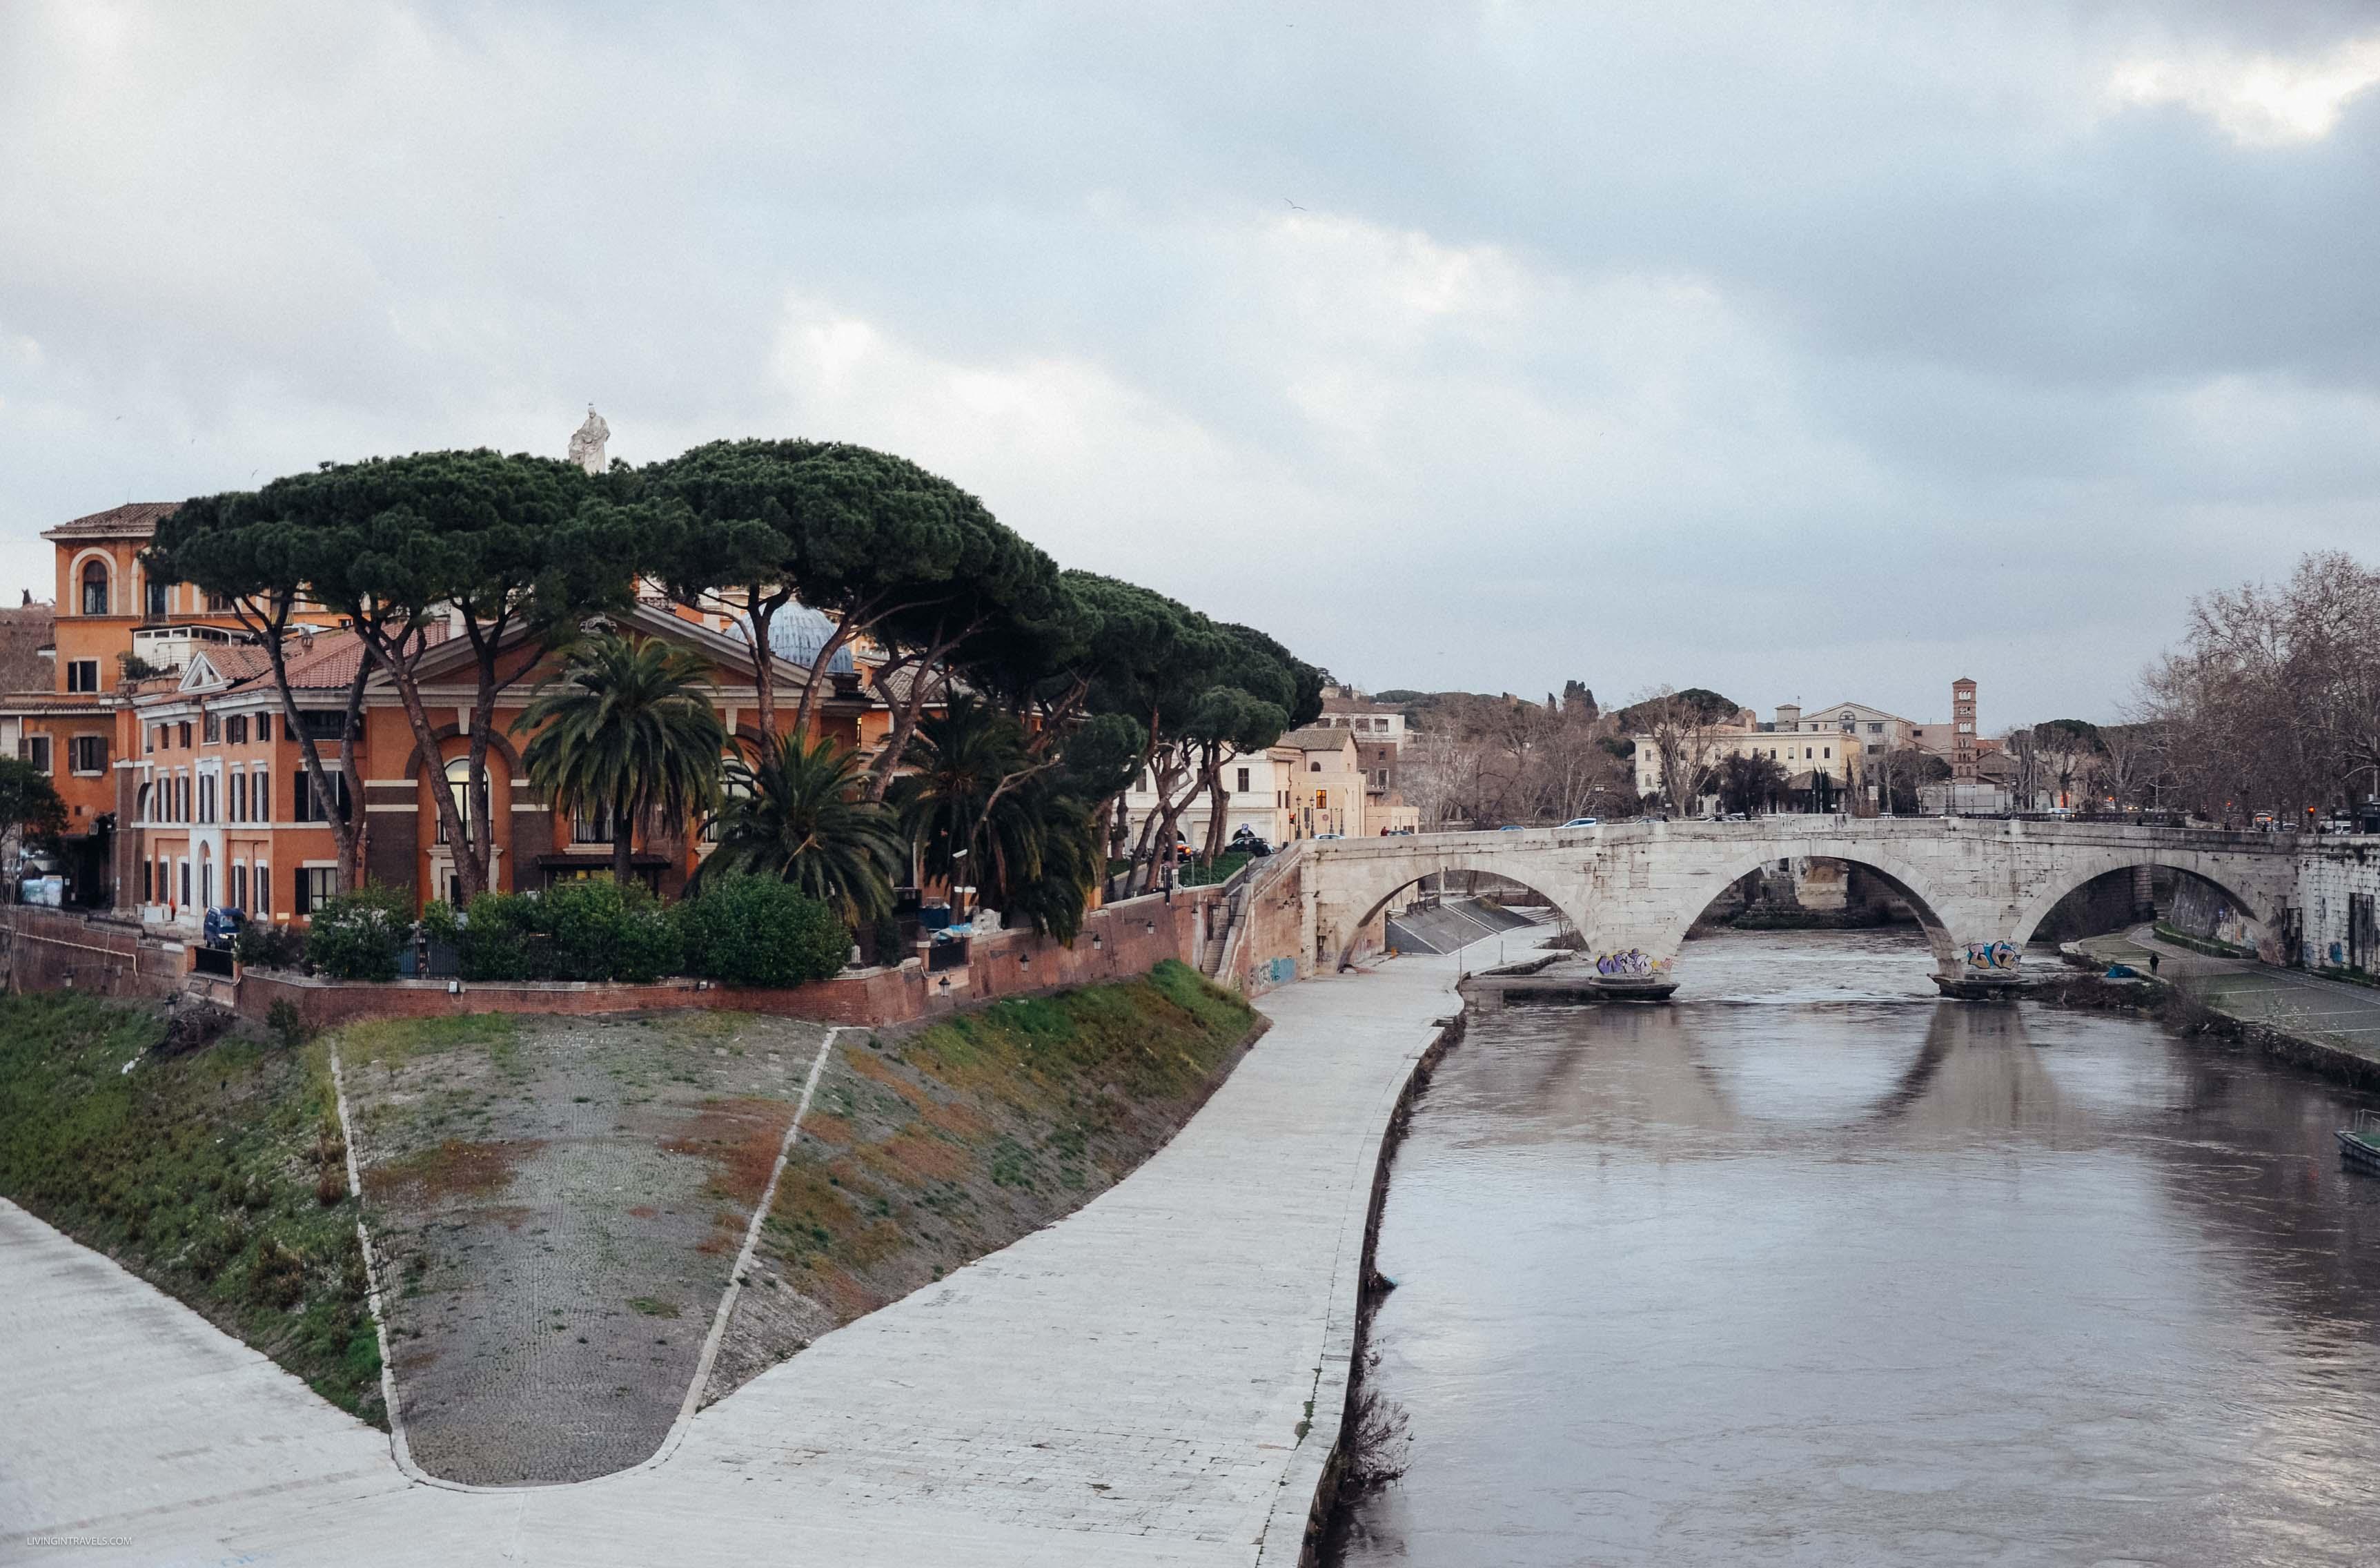 Тибр. Рим для новичков или как увидеть город бесплатно (почти)